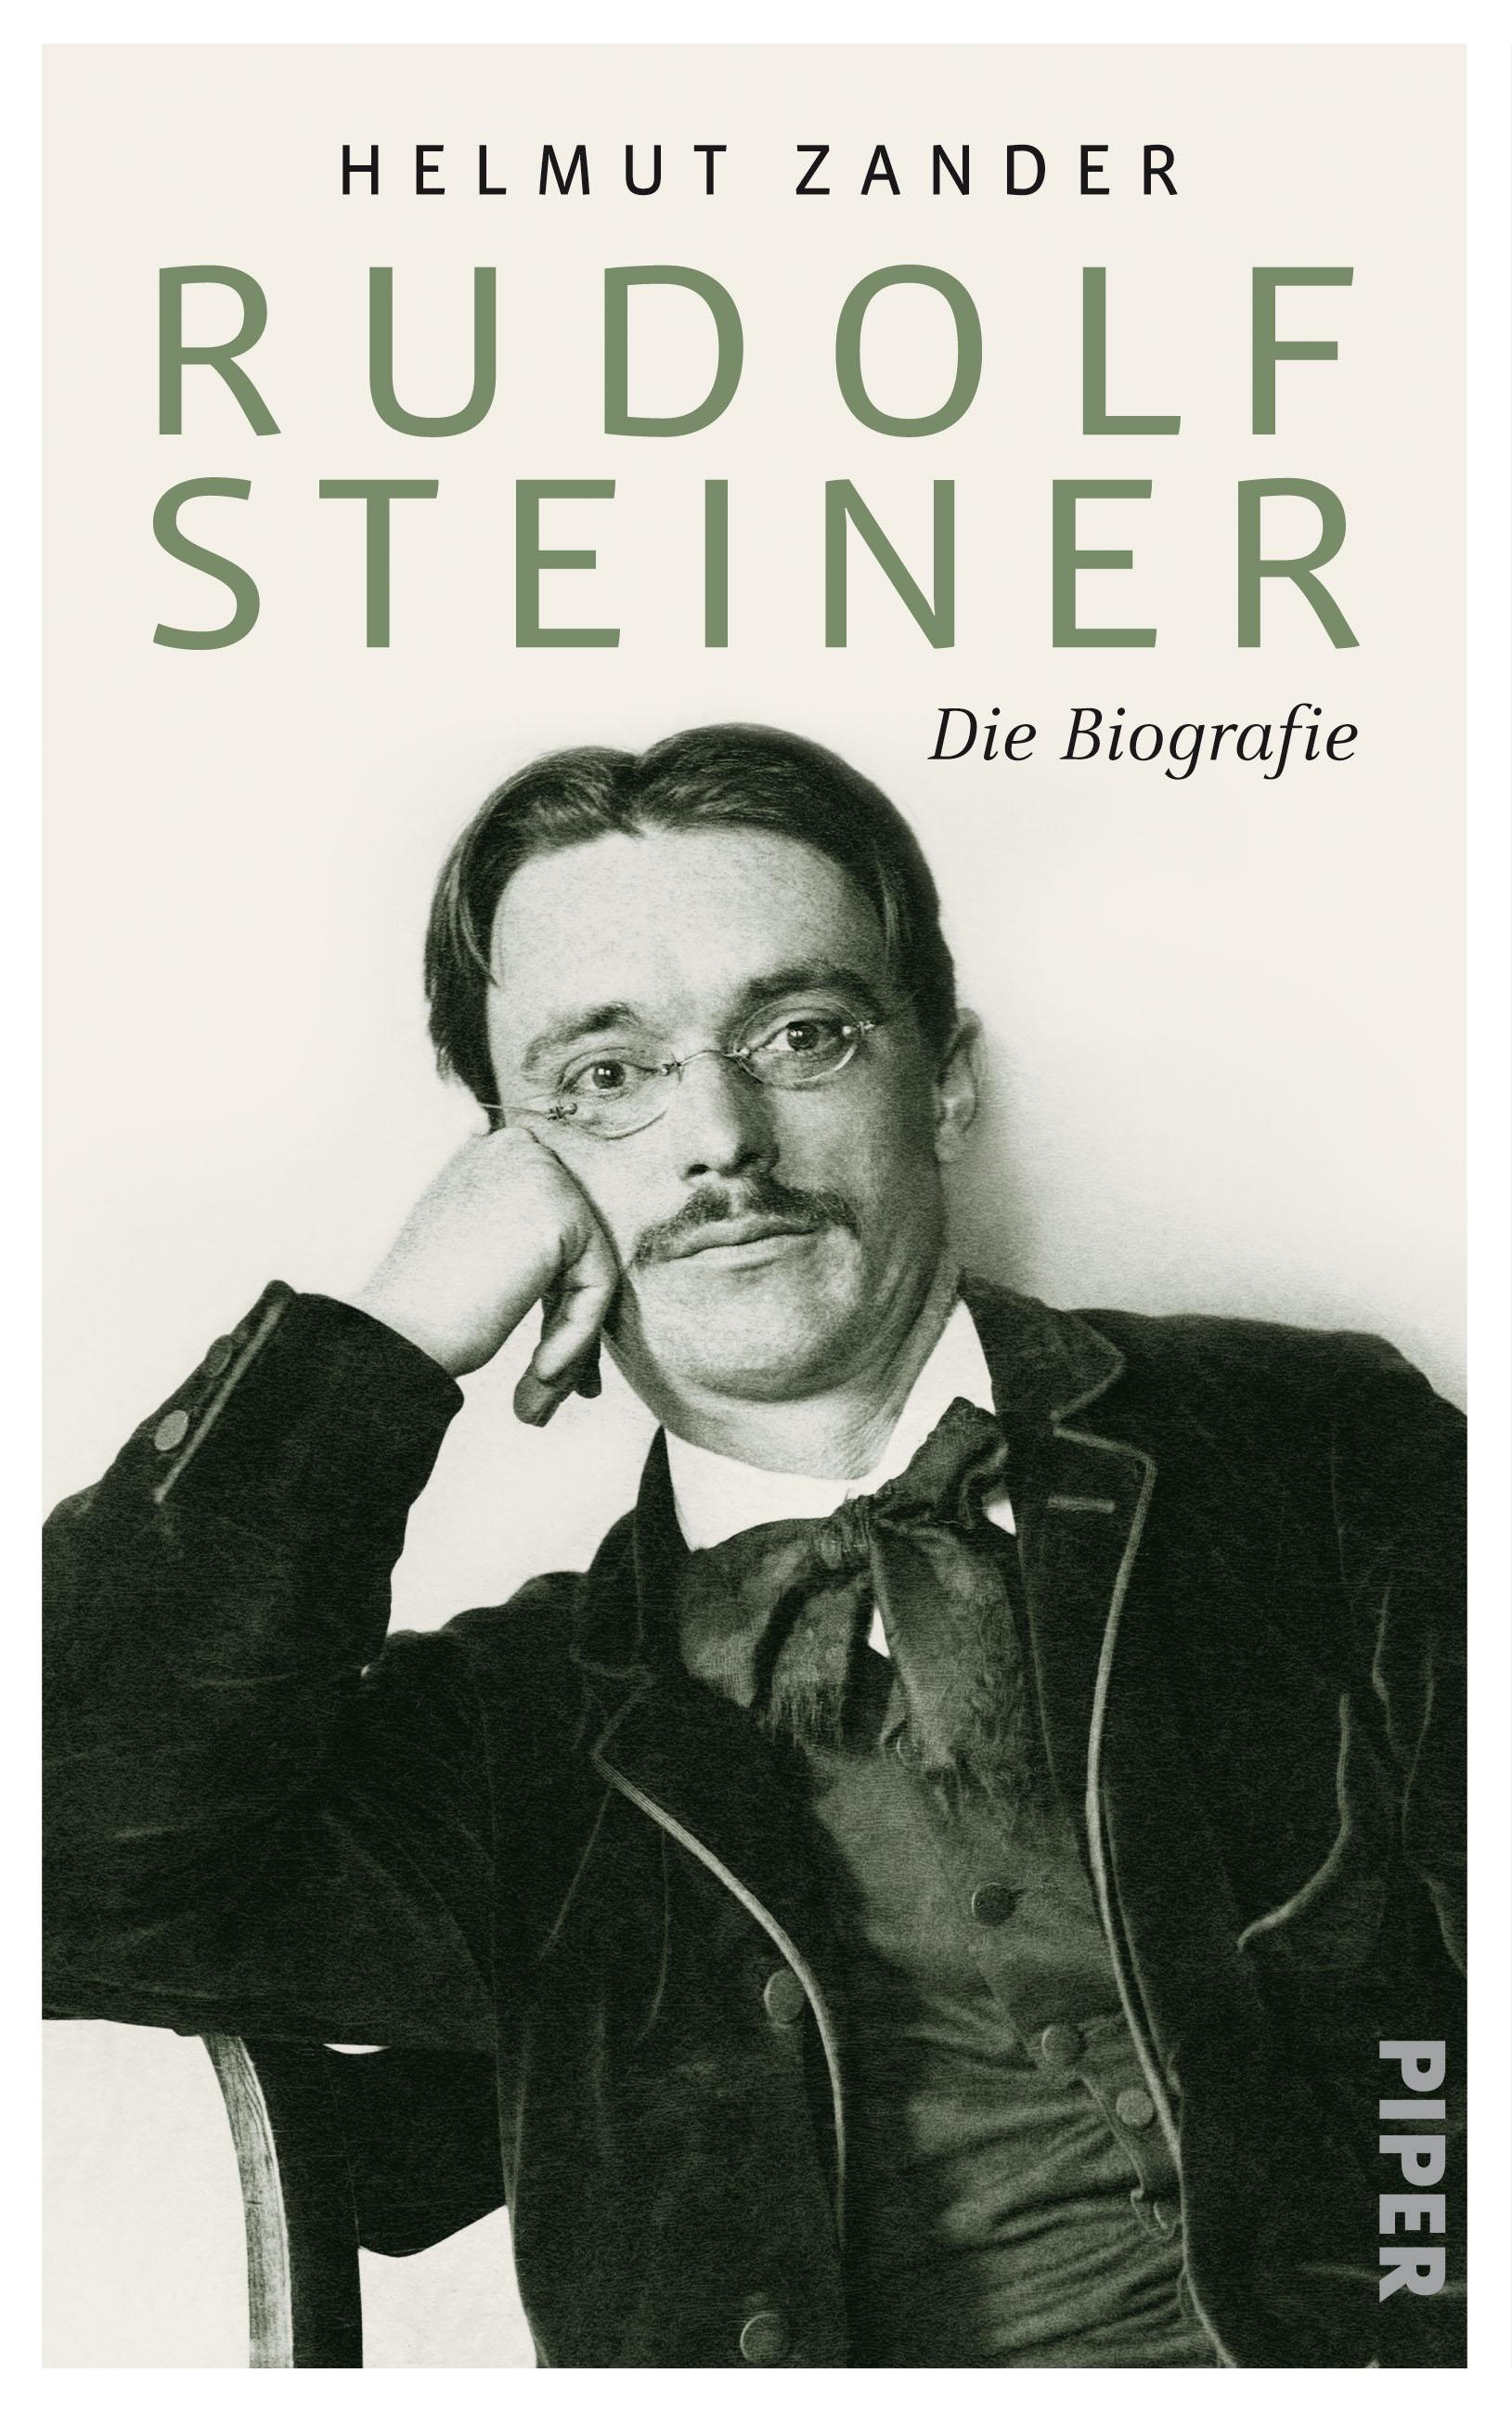 Citaten Rudolf Steiner : Rudolf steiner von helmut zander piper